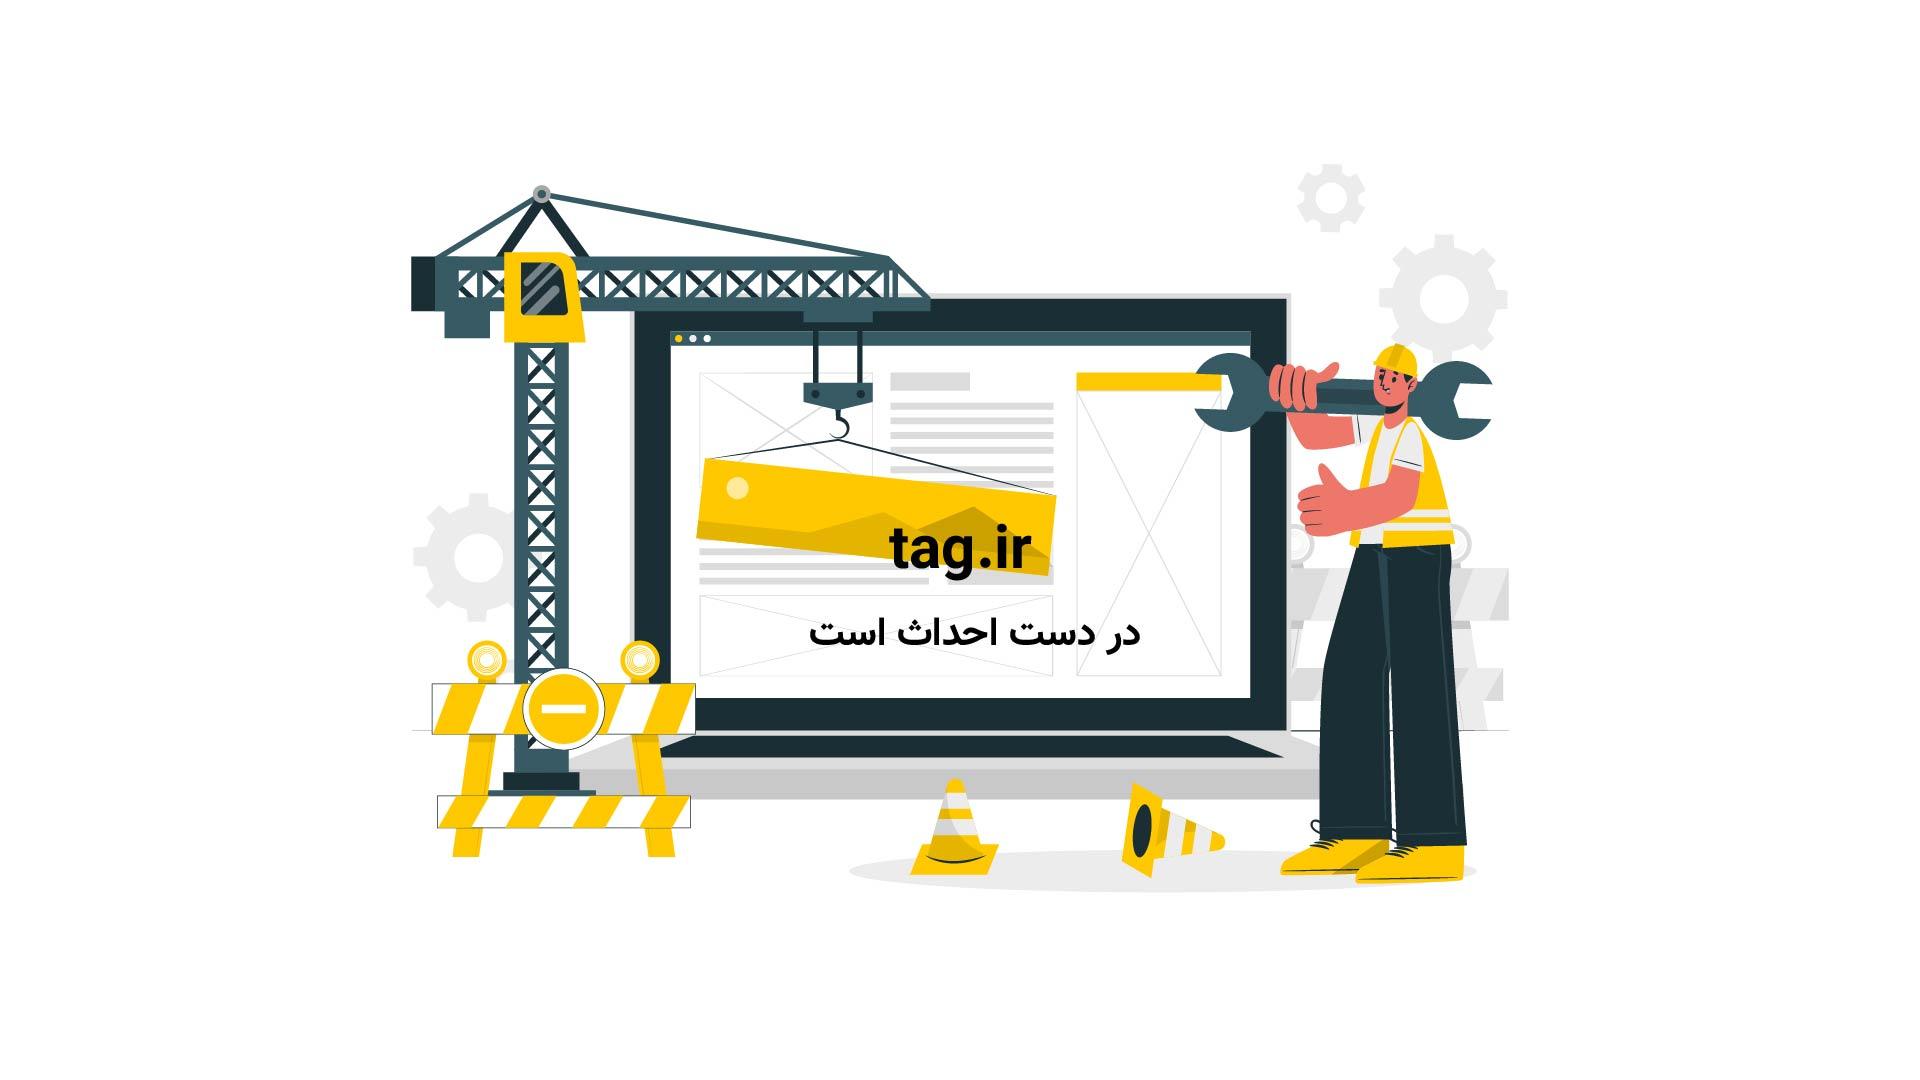 آتش نشانان پلاسکو | تگ